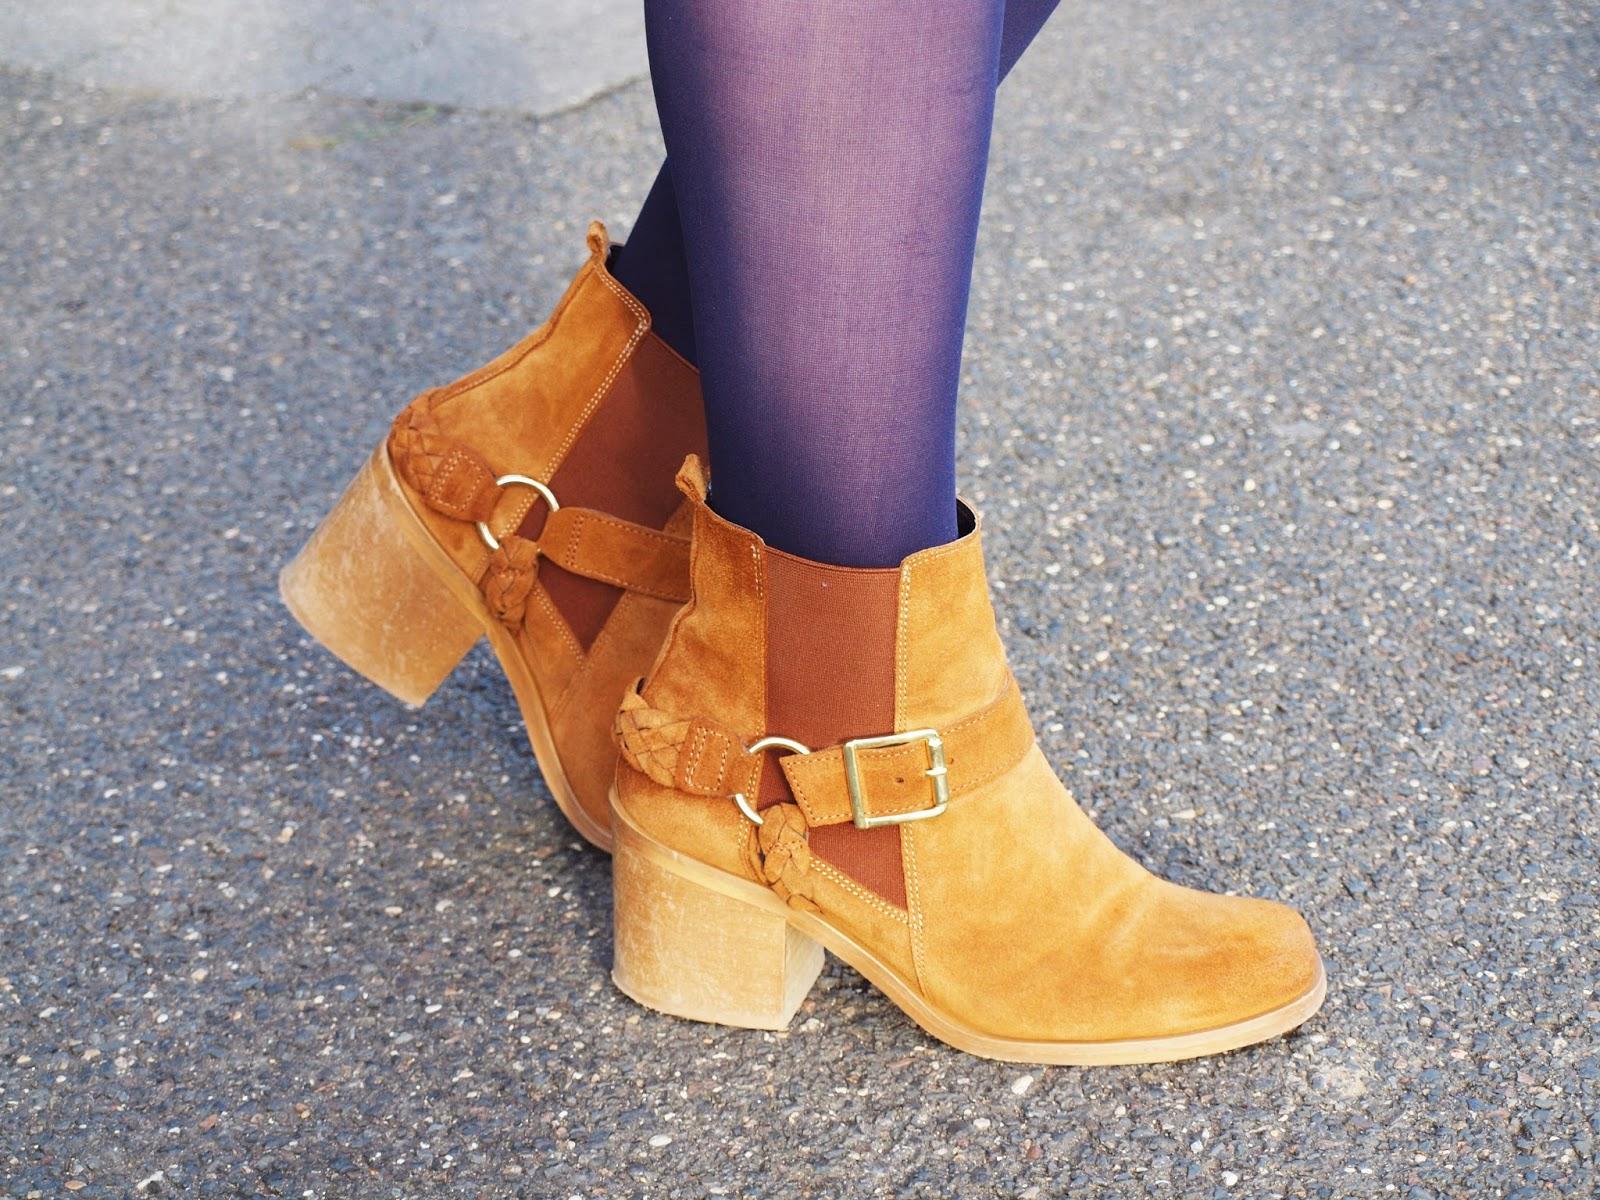 boots-orange-marron-lanieres-texto-soldes-hiver-2015